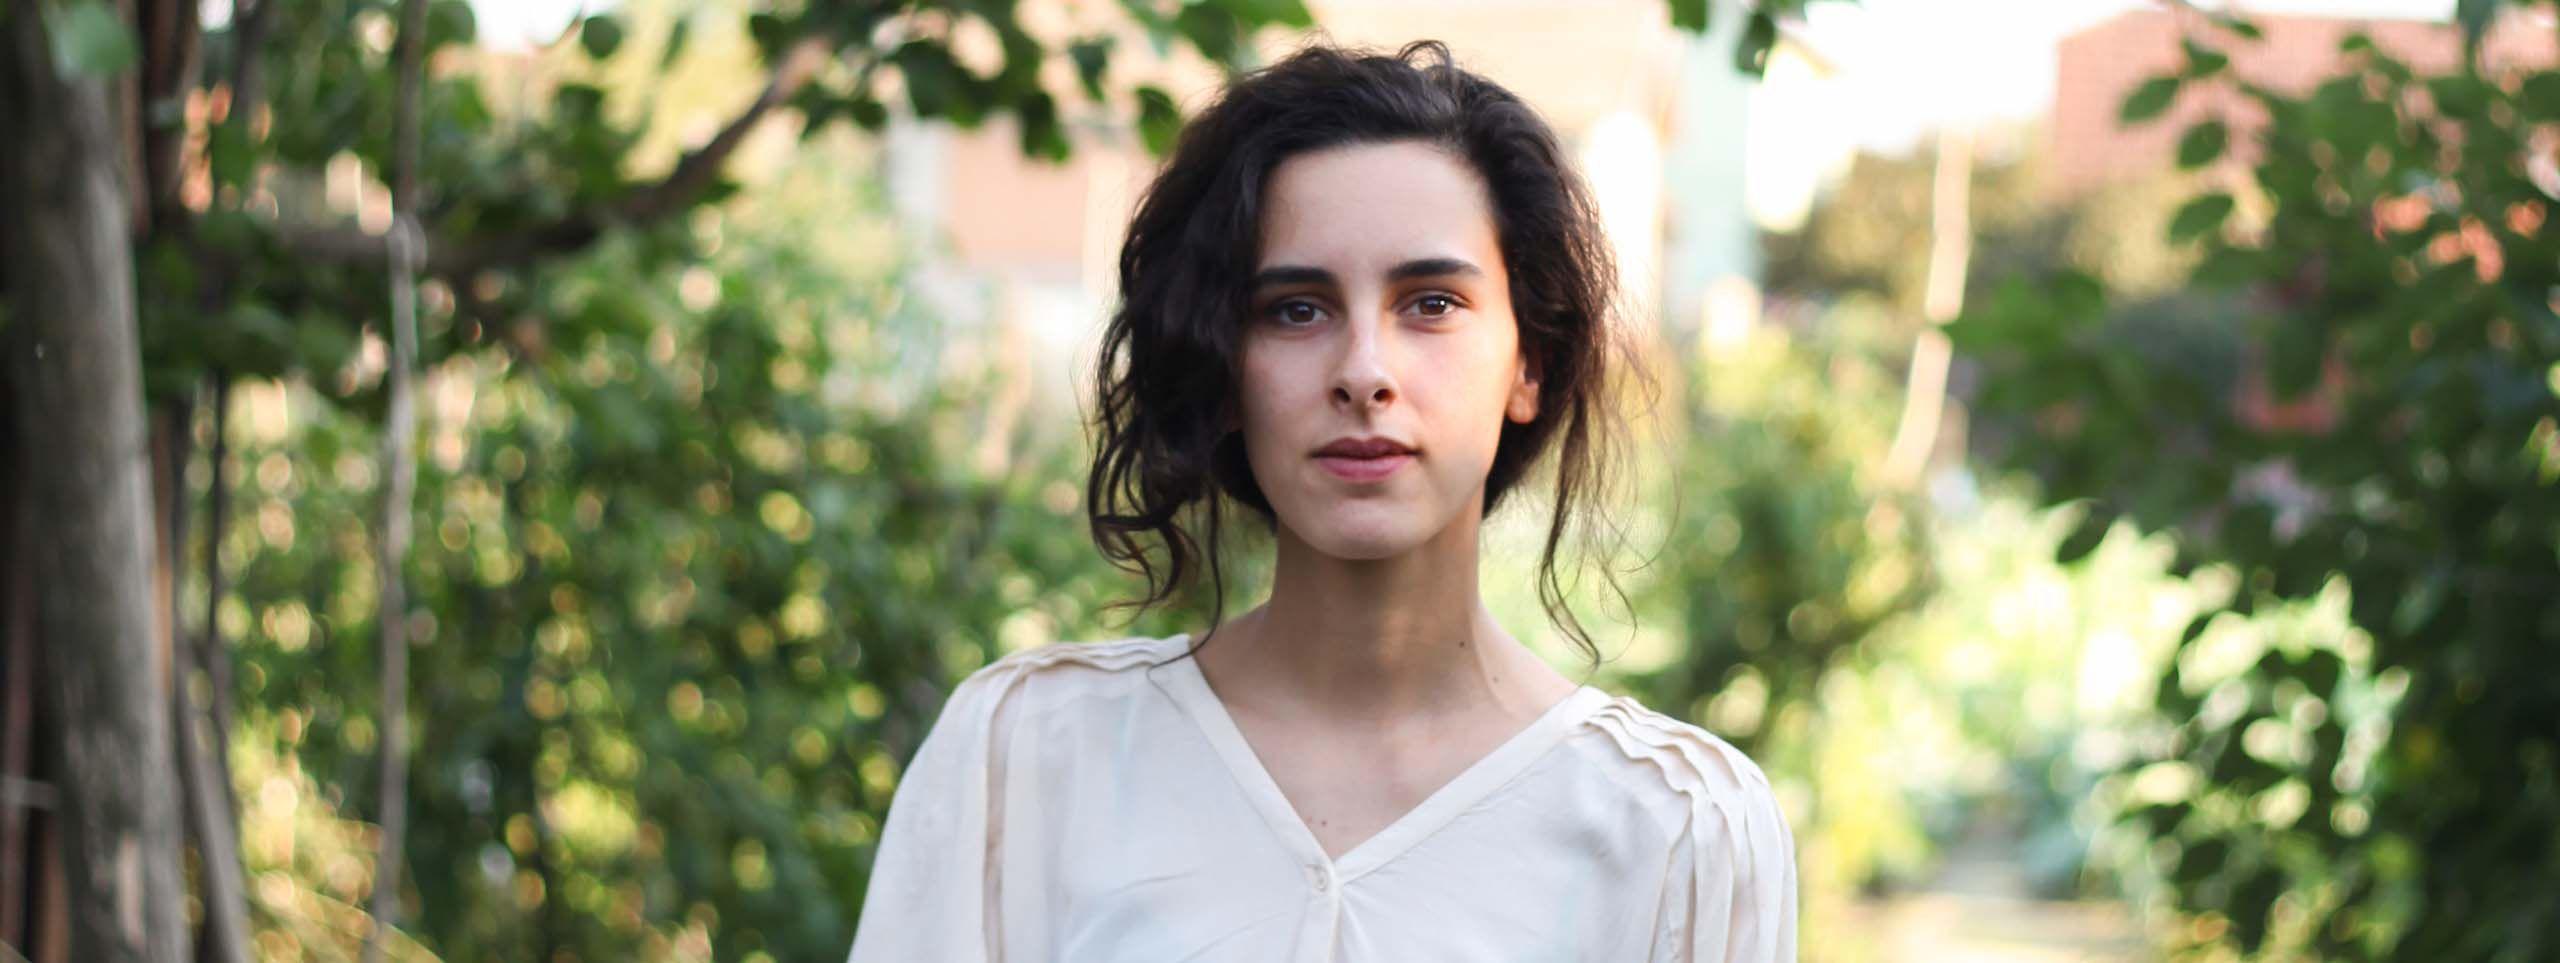 Rjavolasa ženska z navideznim pažem, ki nosi belo bluzo